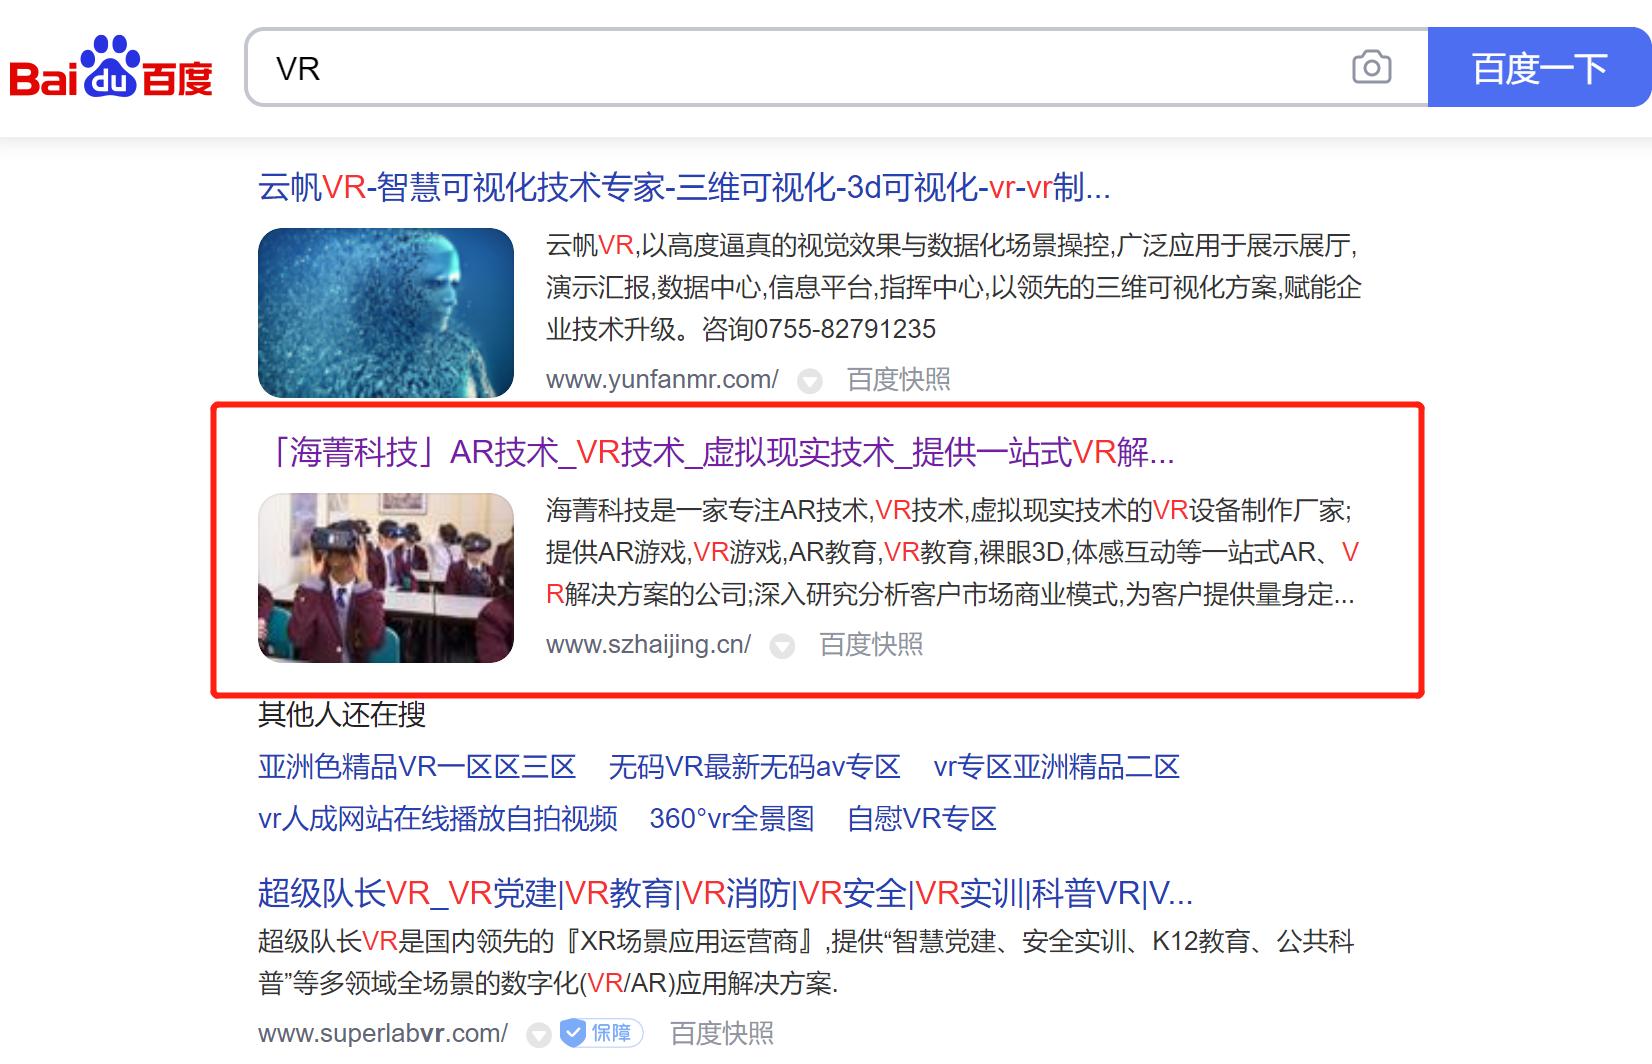 海菁科技官网单词排名优化案例